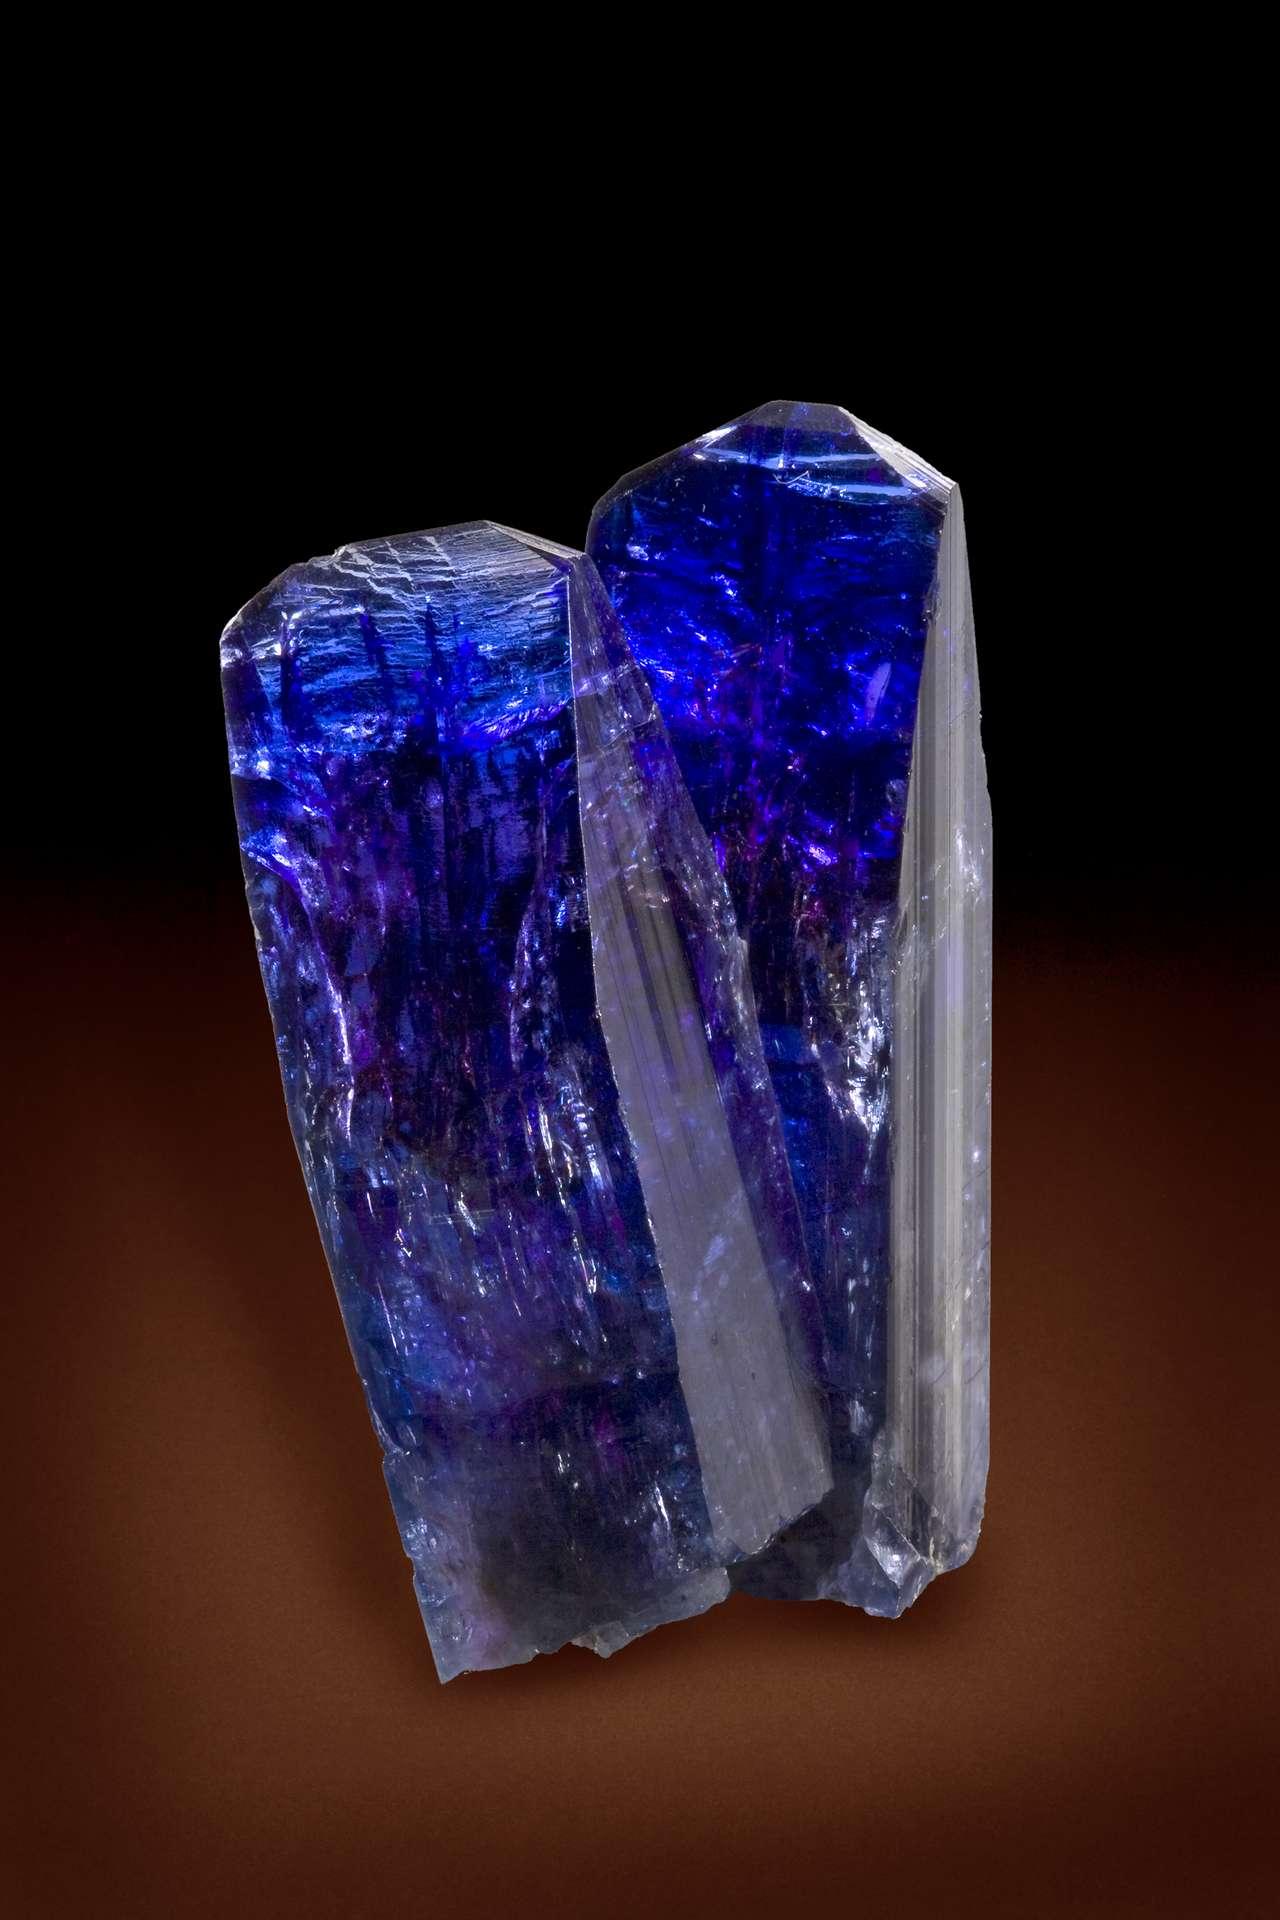 La tanzanite, l'une des pierres précieuses les plus rares au monde © Robert M. Lavinsky